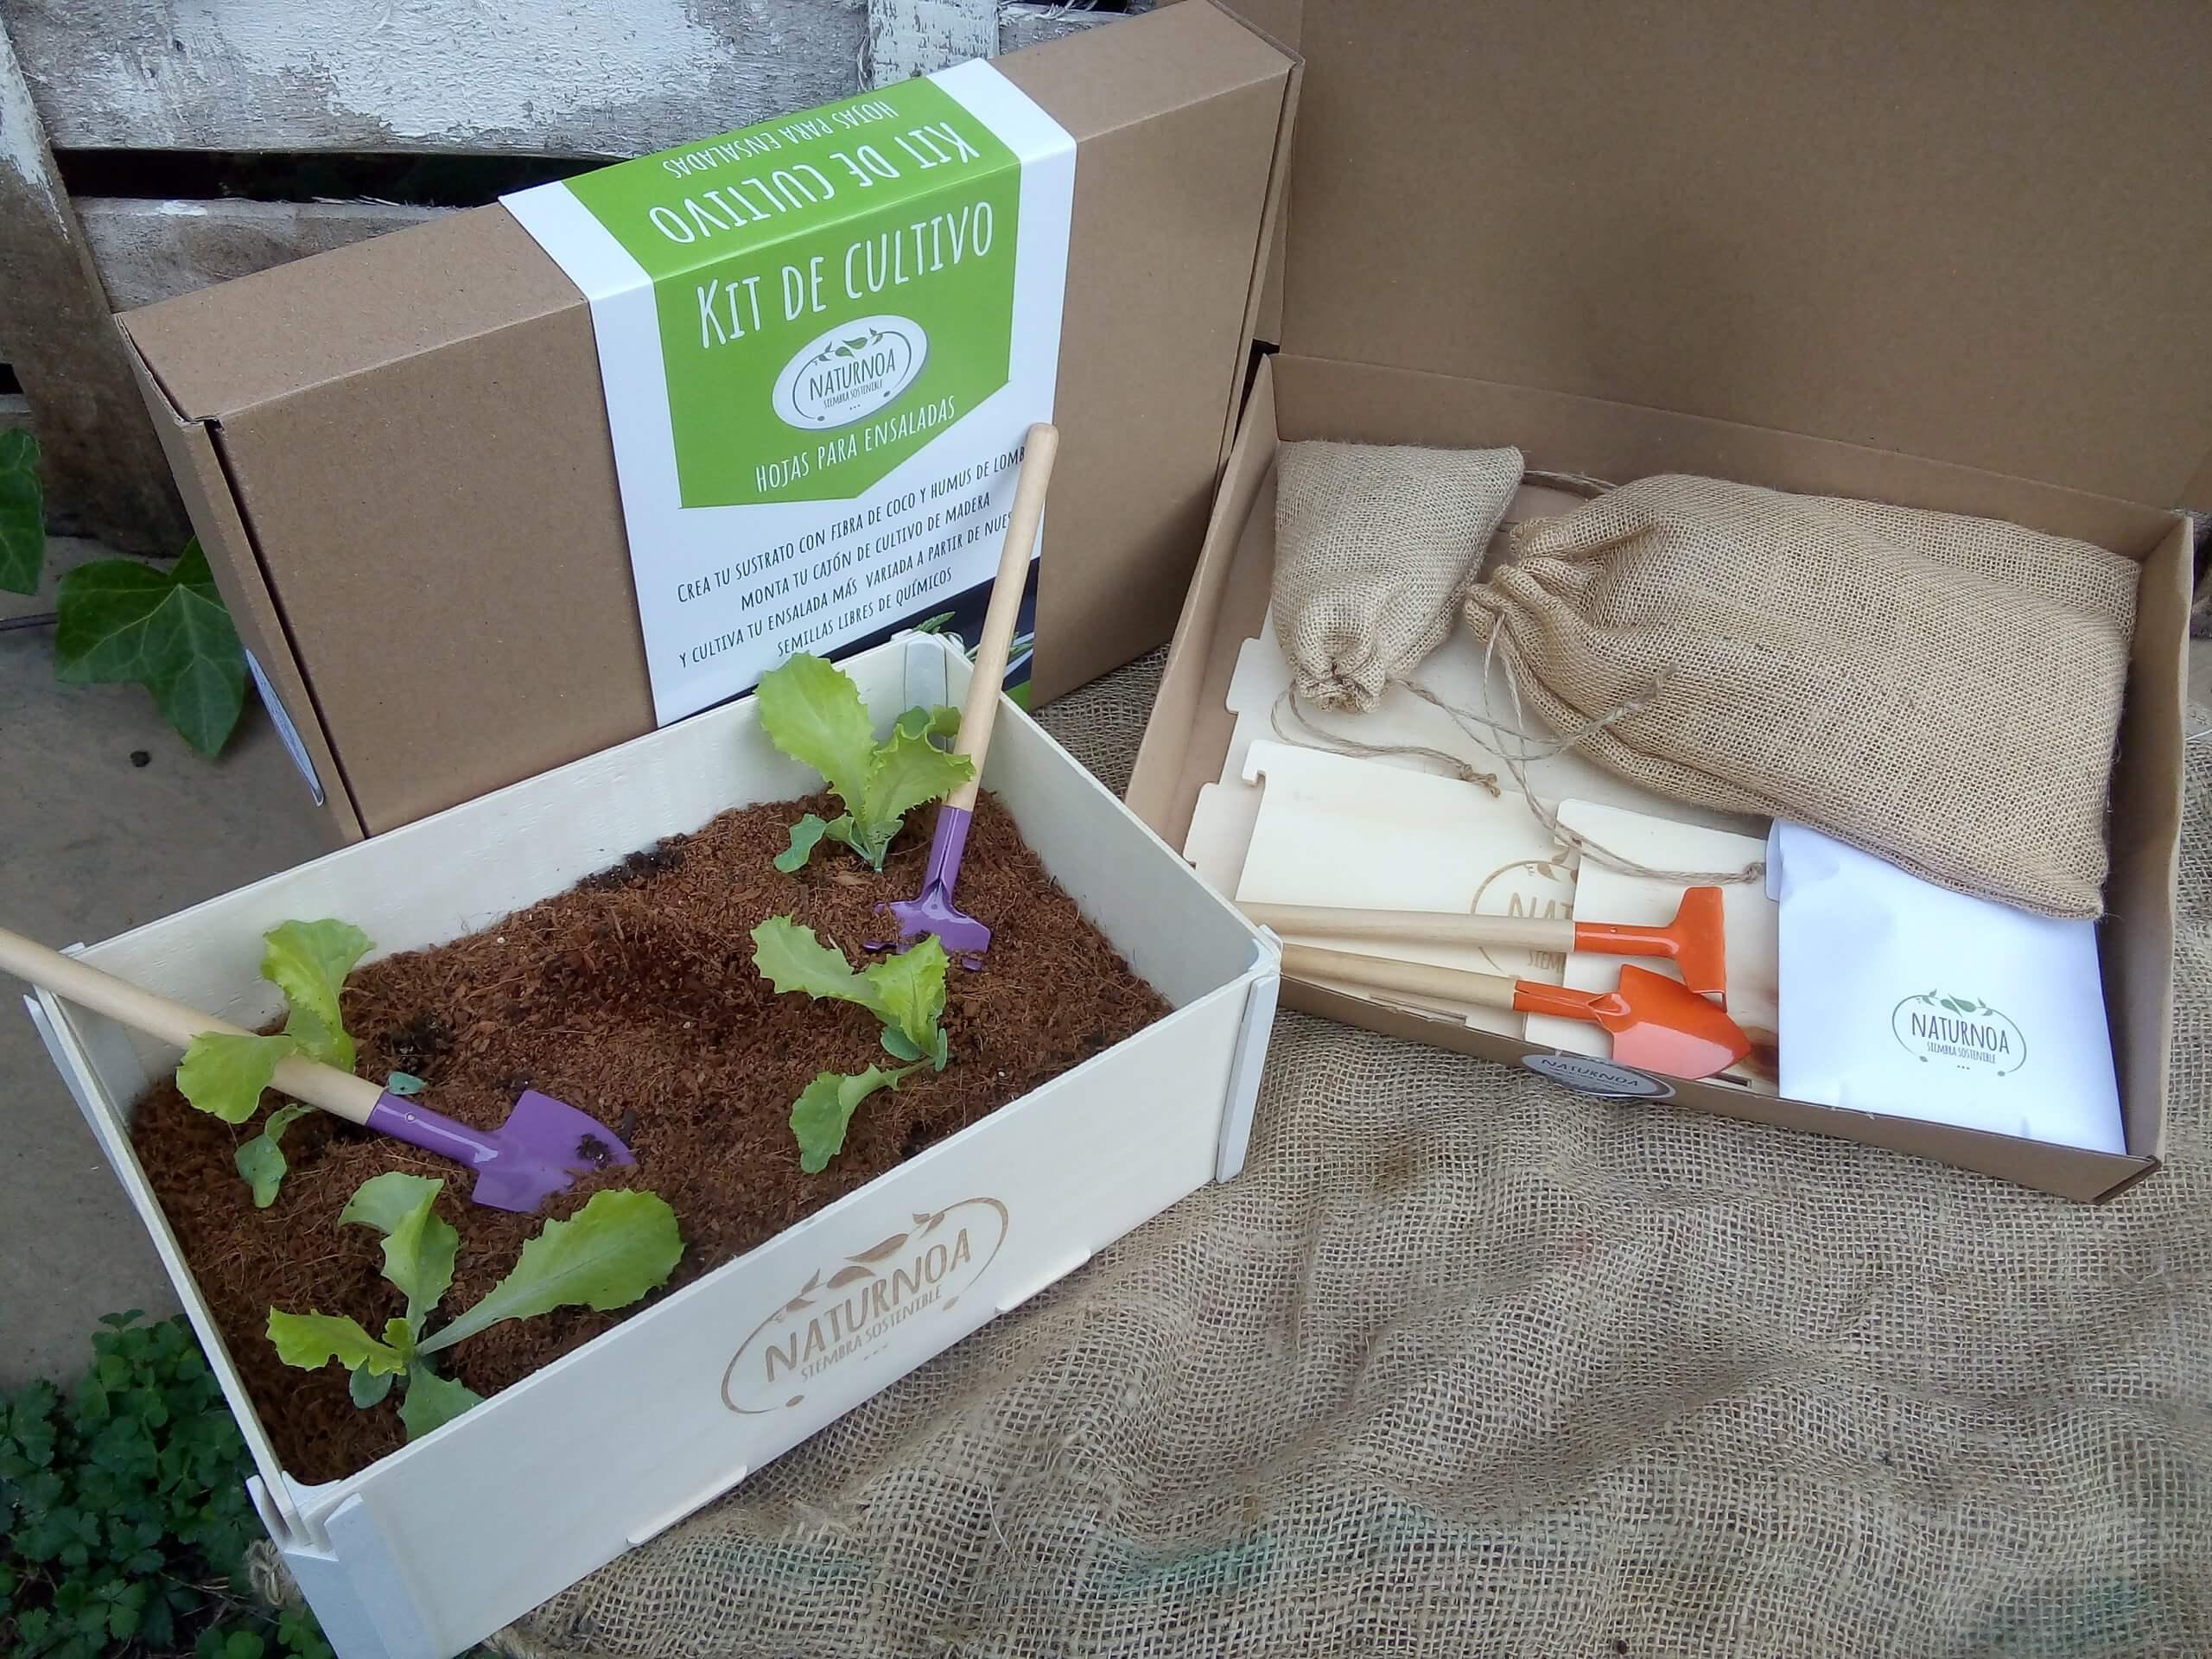 cajas de cartón para enviar kits de cultivo